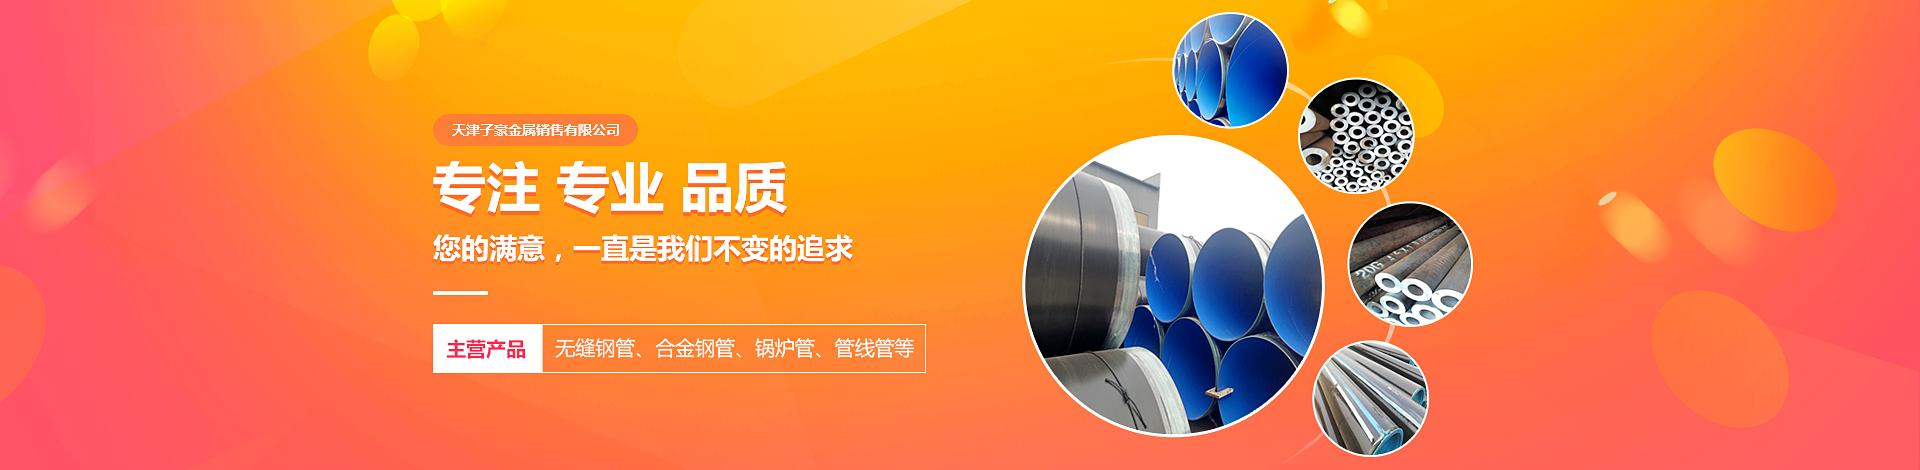 天津子豪金属销售有限公司